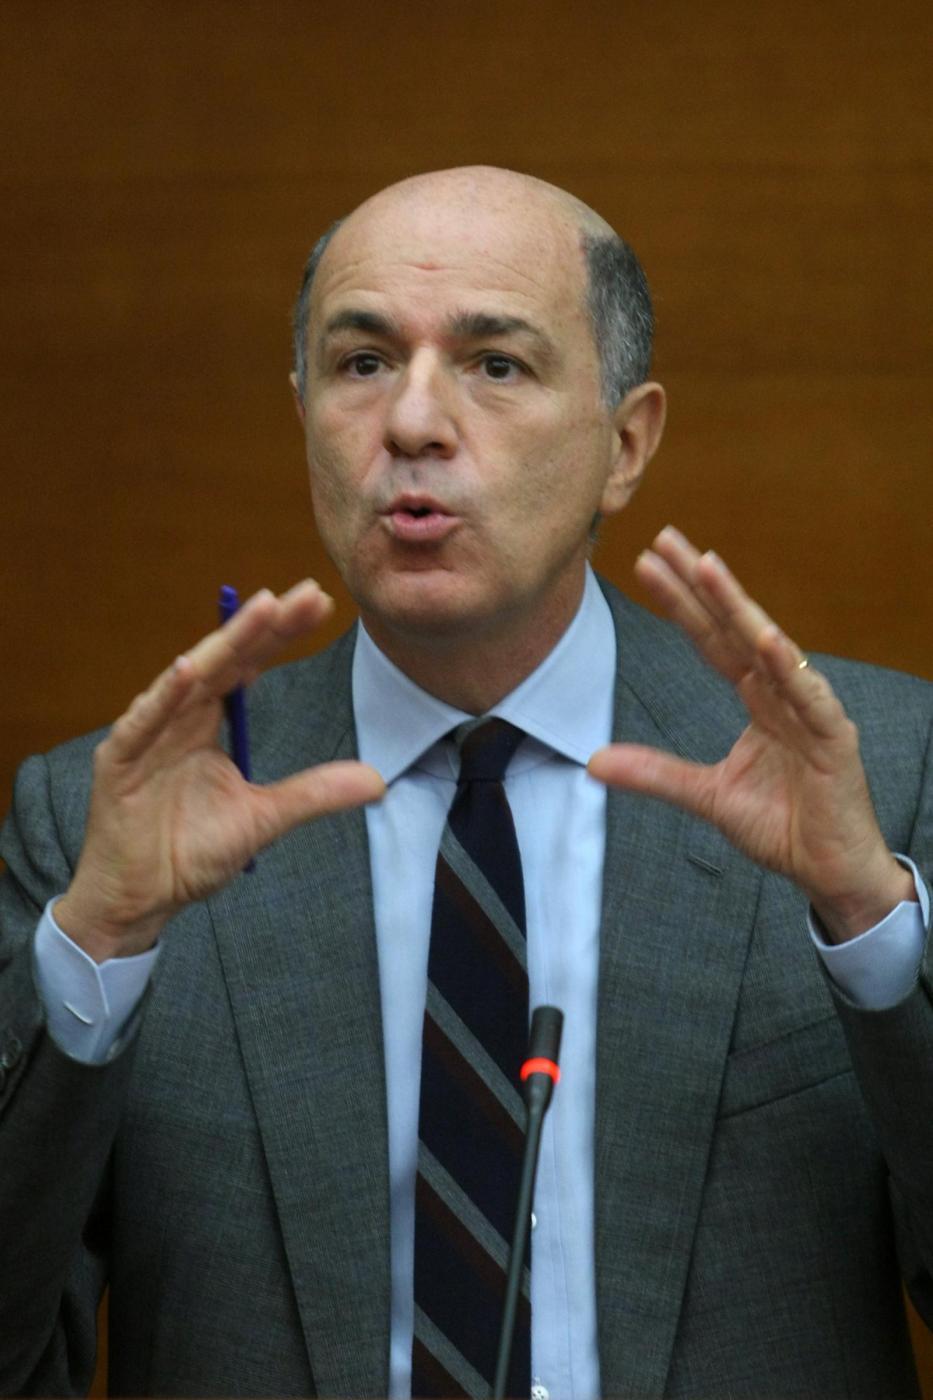 fddd ITALIA: ormai è chiaro. Ha perso la sua competitività. (Guest Post, da Leggere Assolutamente)